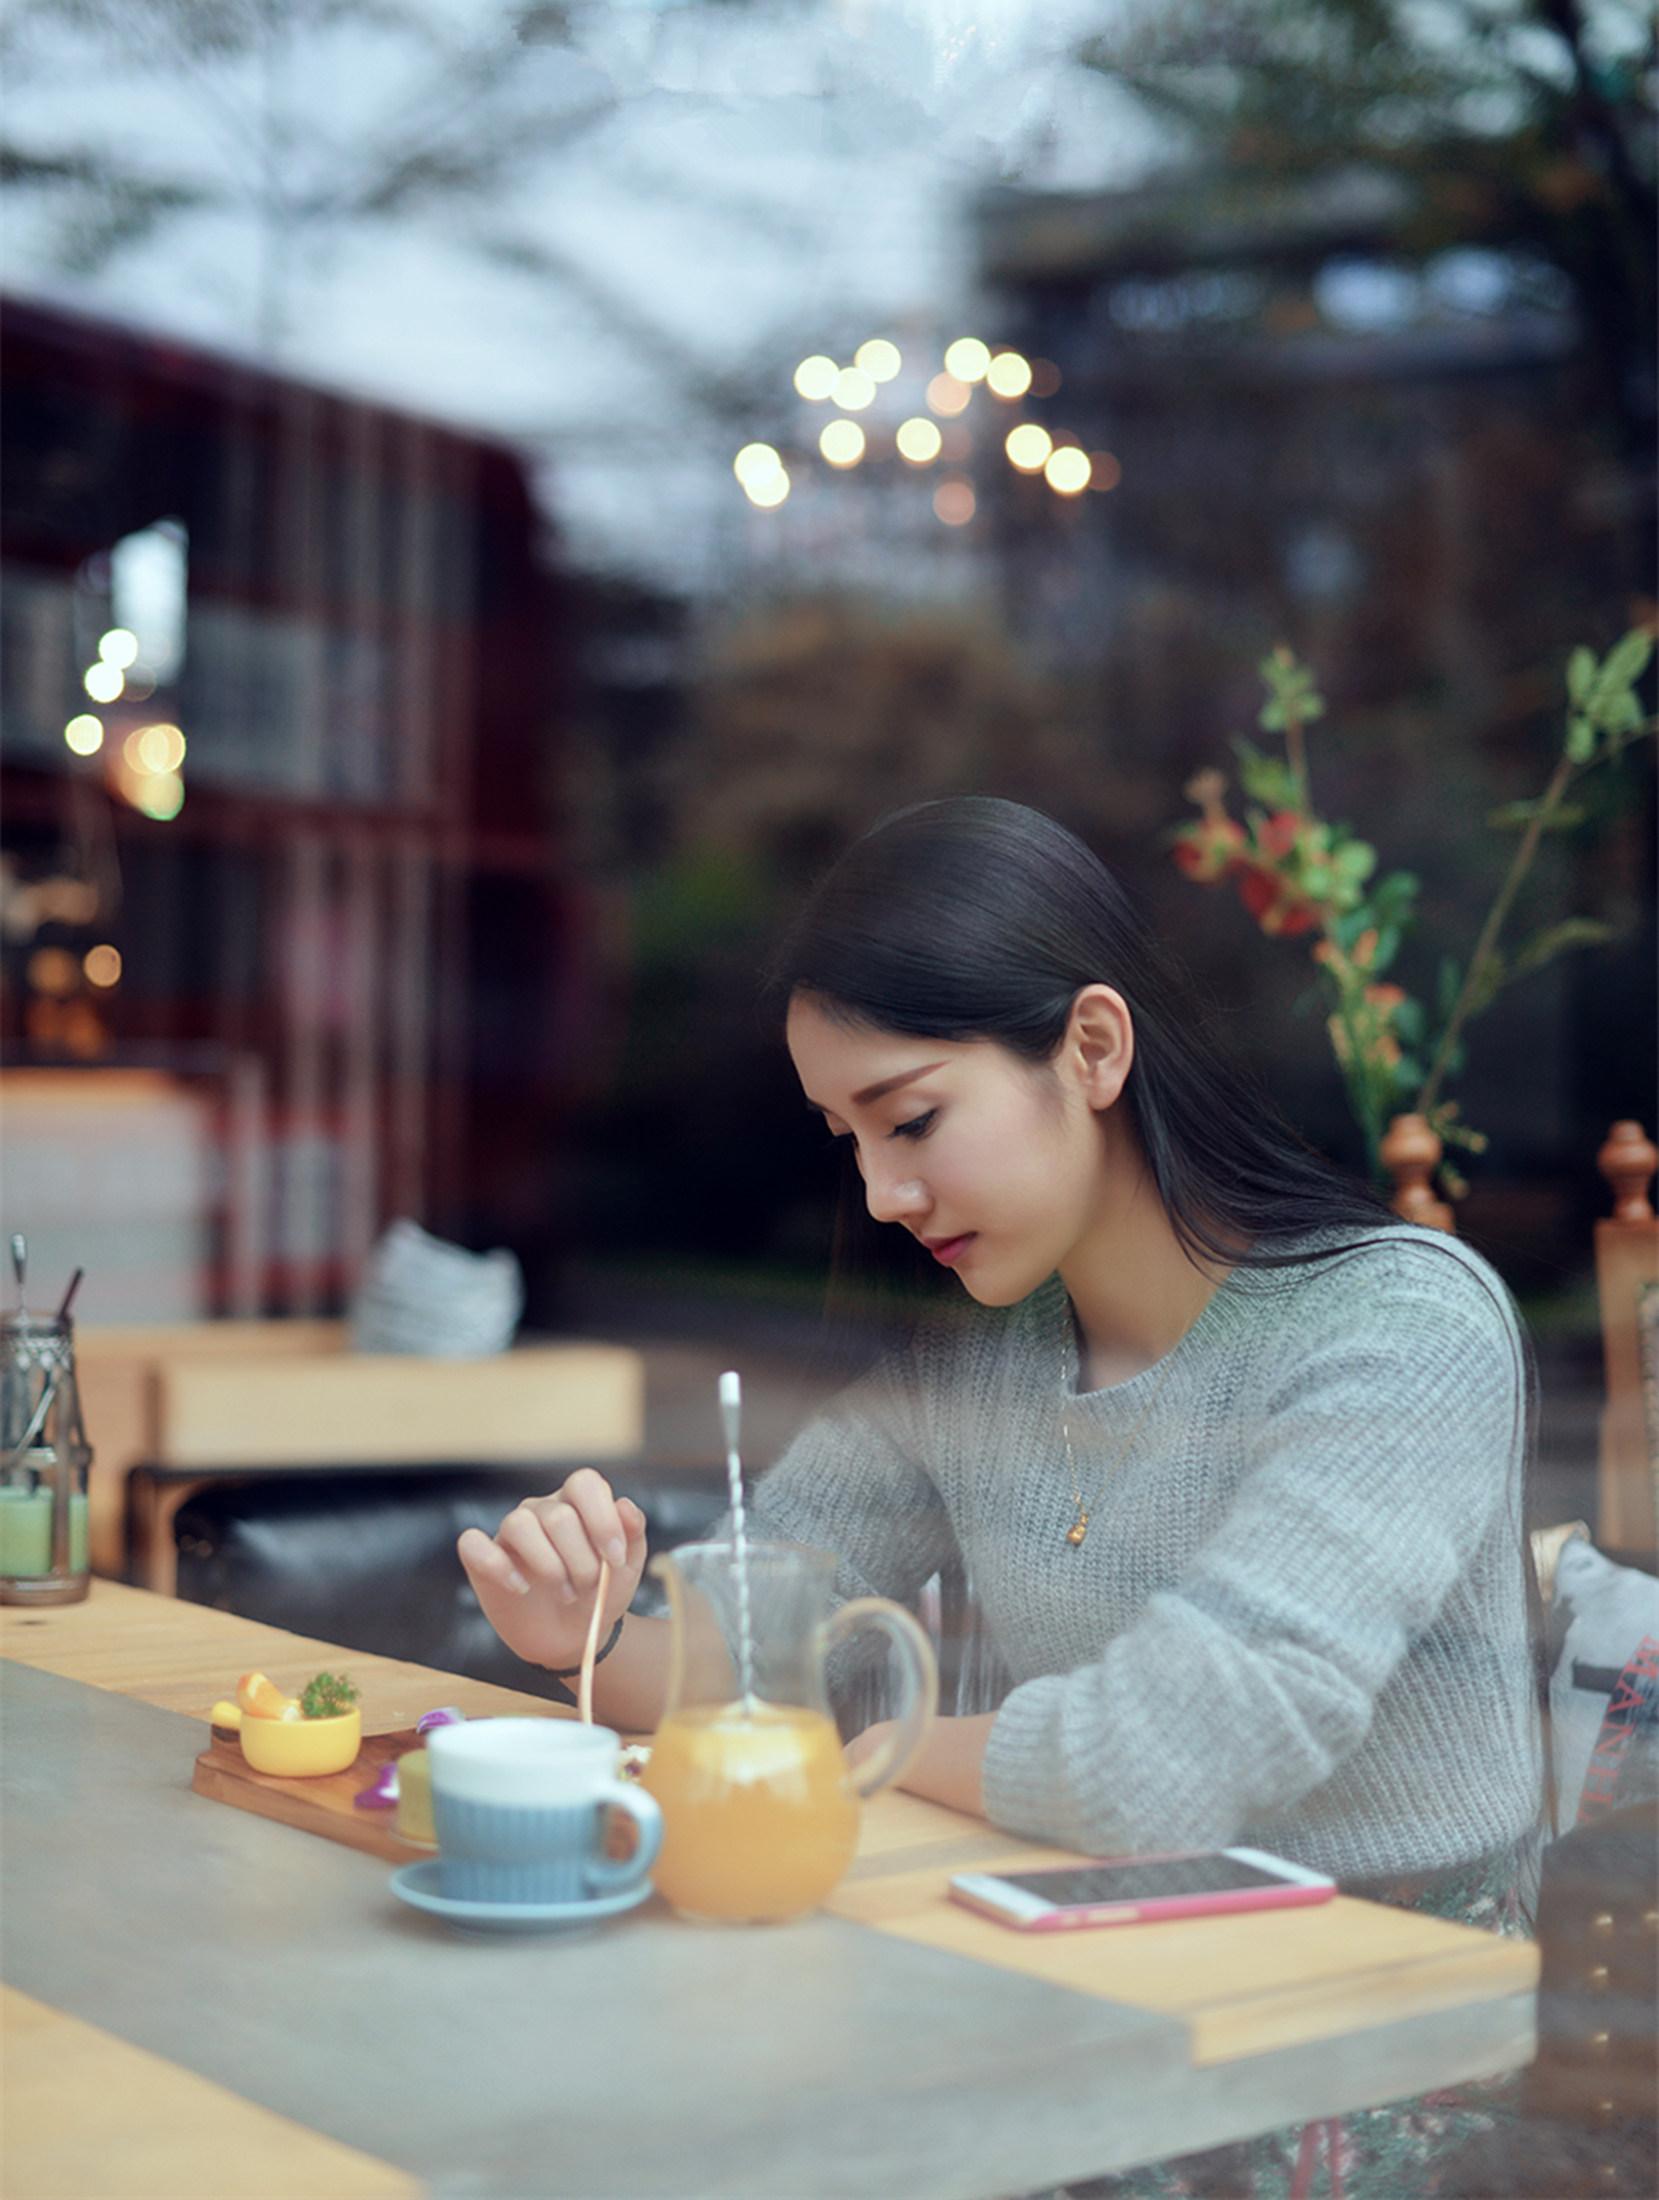 走过咖啡屋偶遇 - 青梅酒女 - 青梅酒女的博客